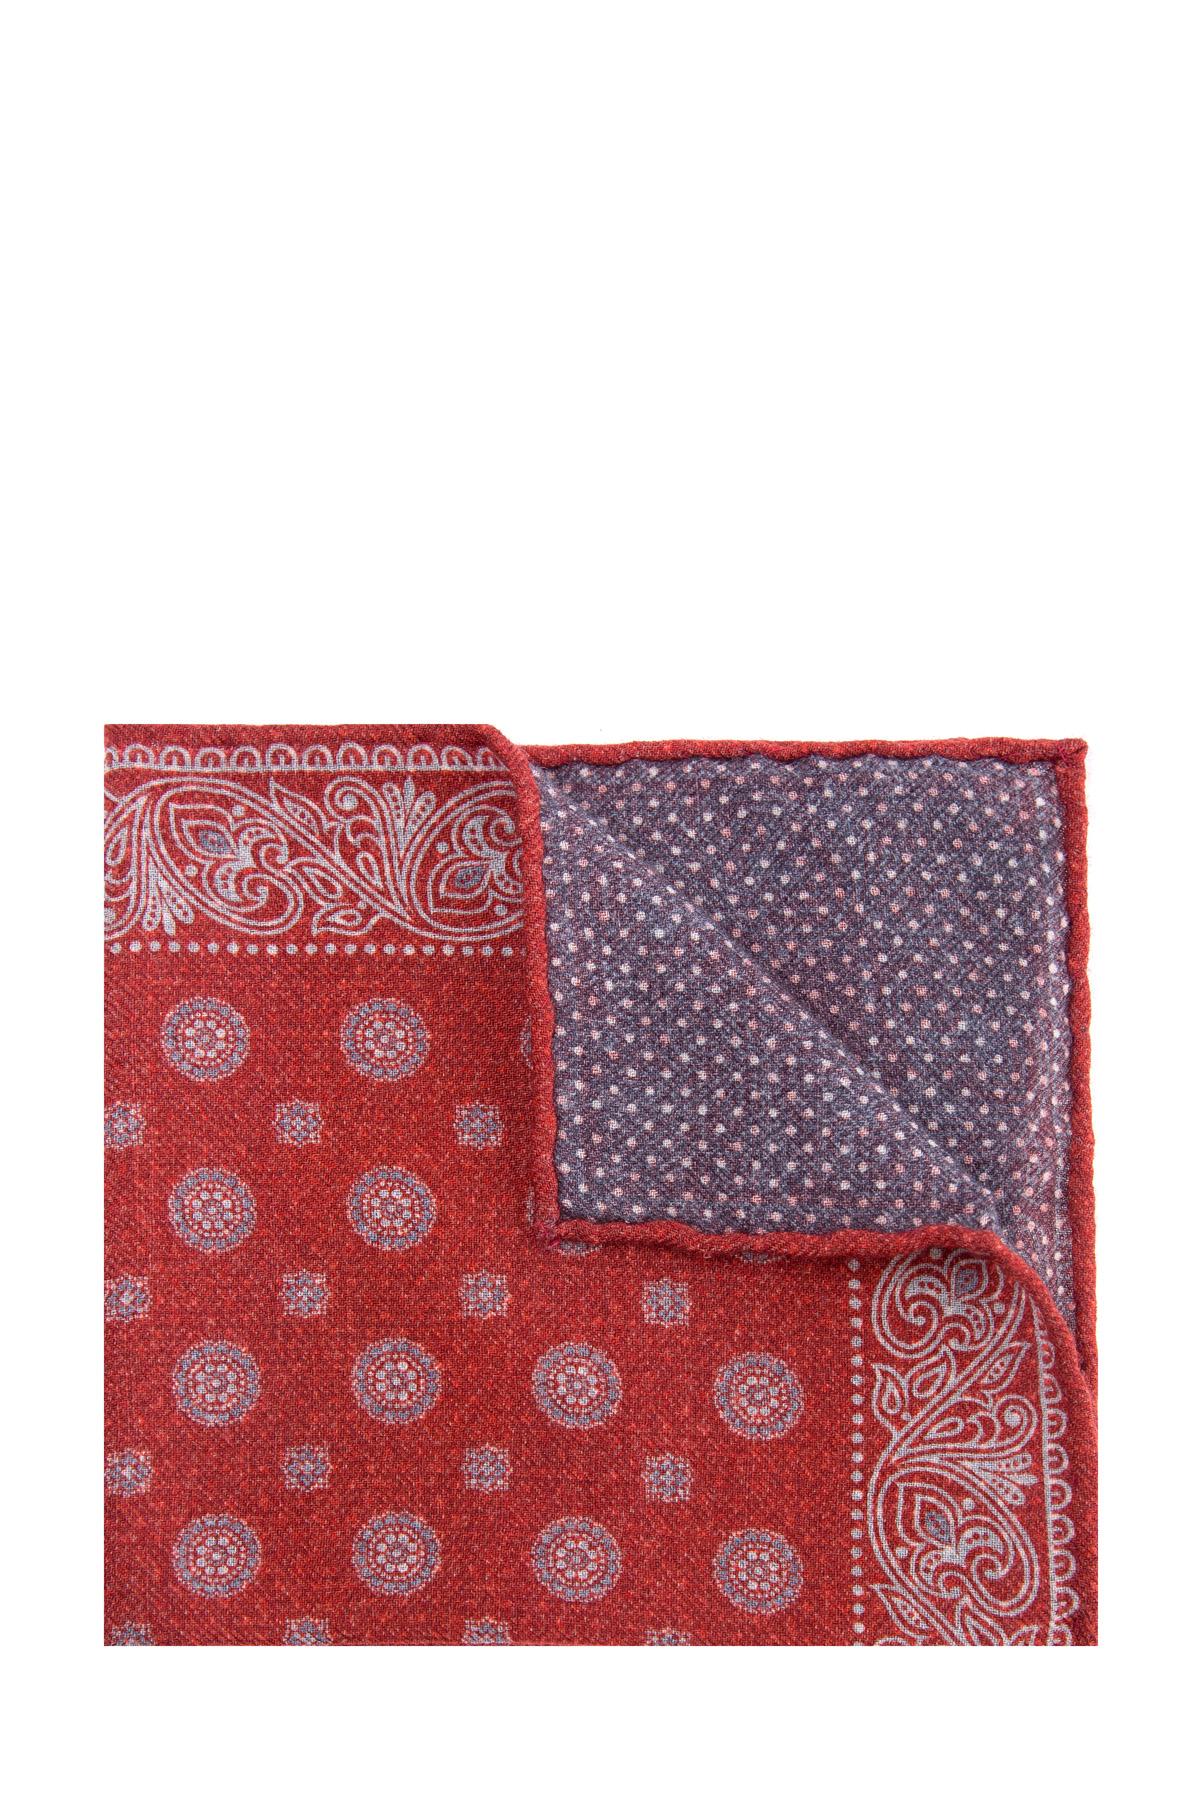 Купить Платок из мягкой шерстяной фланели красного цвета, BRUNELLO CUCINELLI, Италия, шерсть 100%